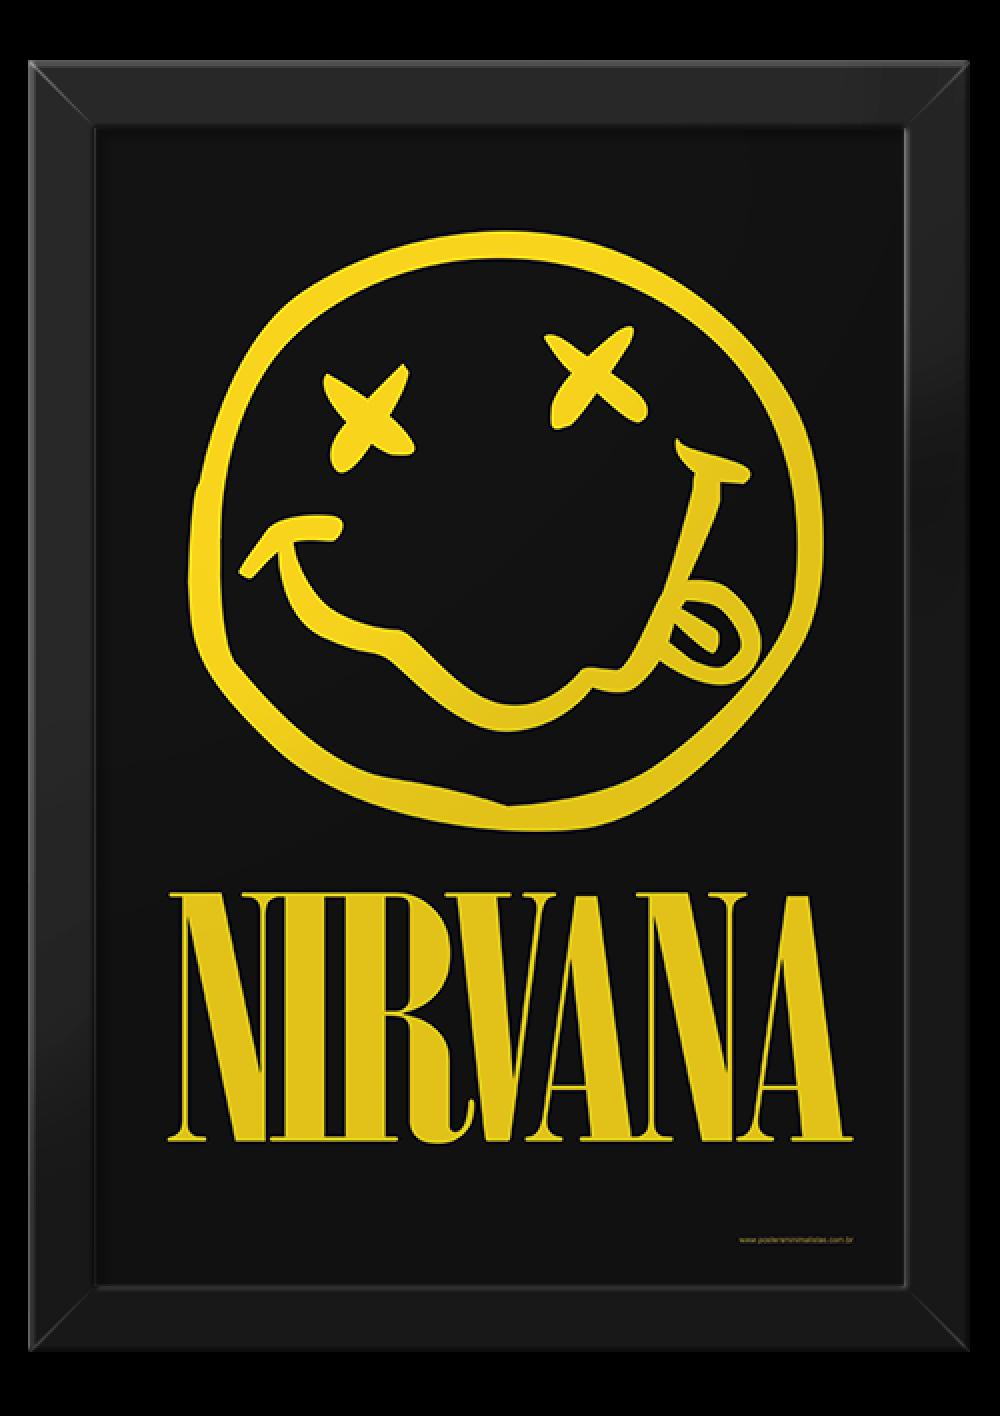 Nirvana - Música | Posters Minimalistas | $*$ VinTAGE PoStErS ...